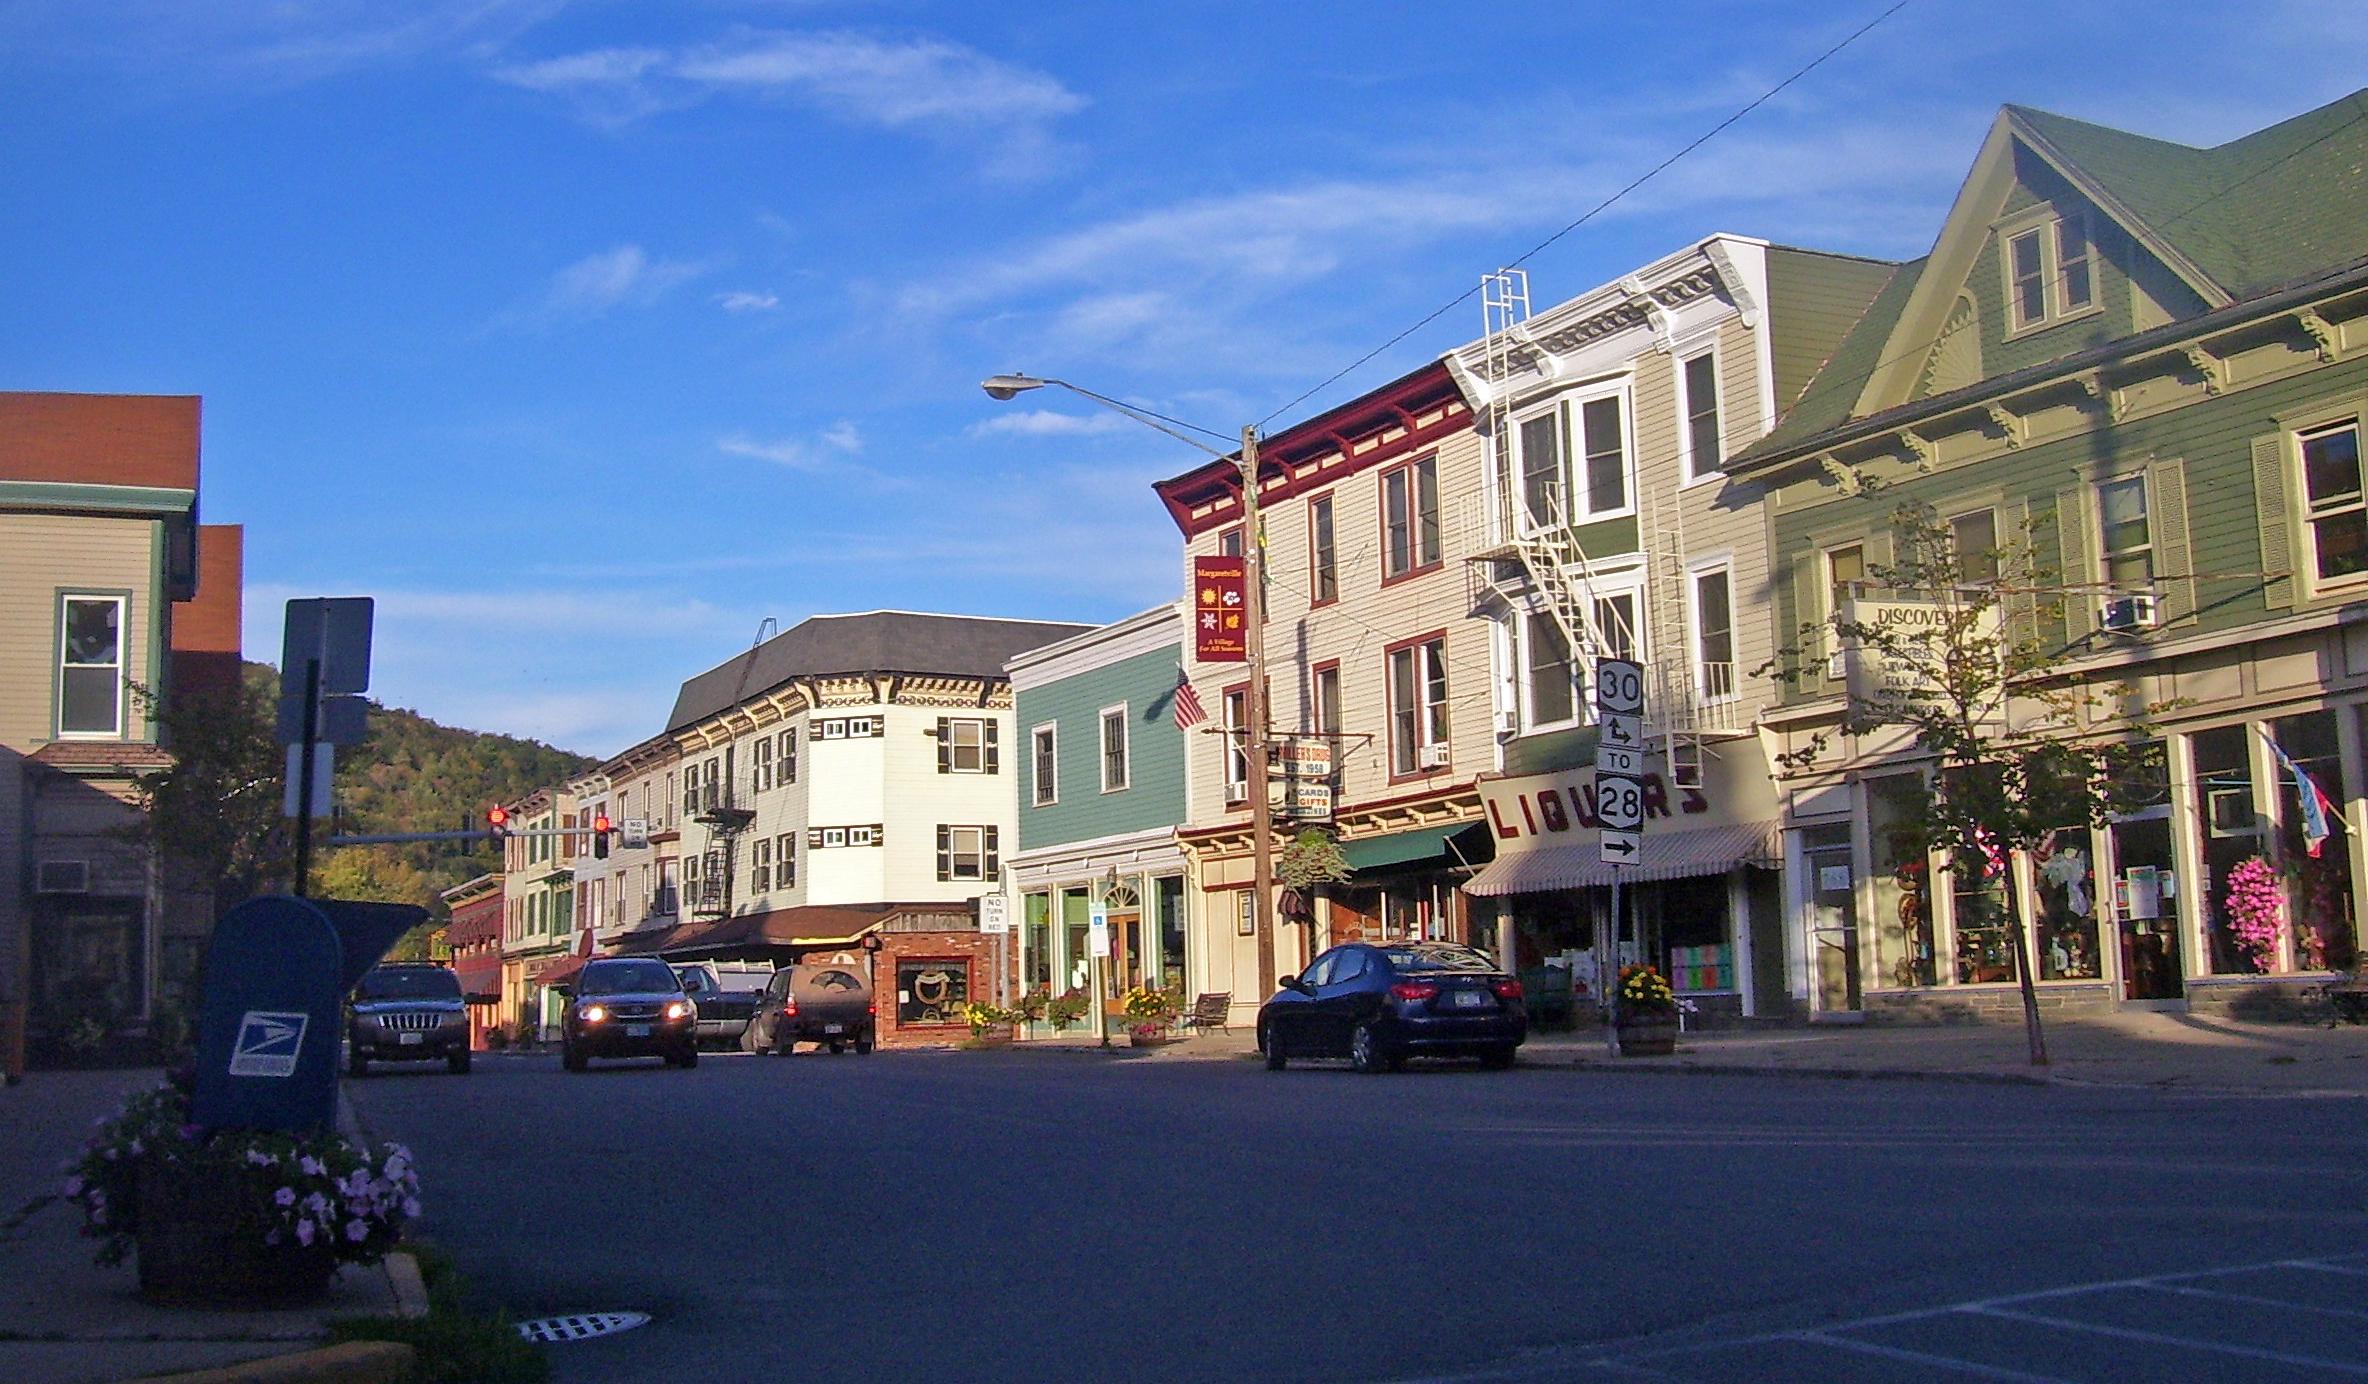 A sunny day on Main street Margaretville